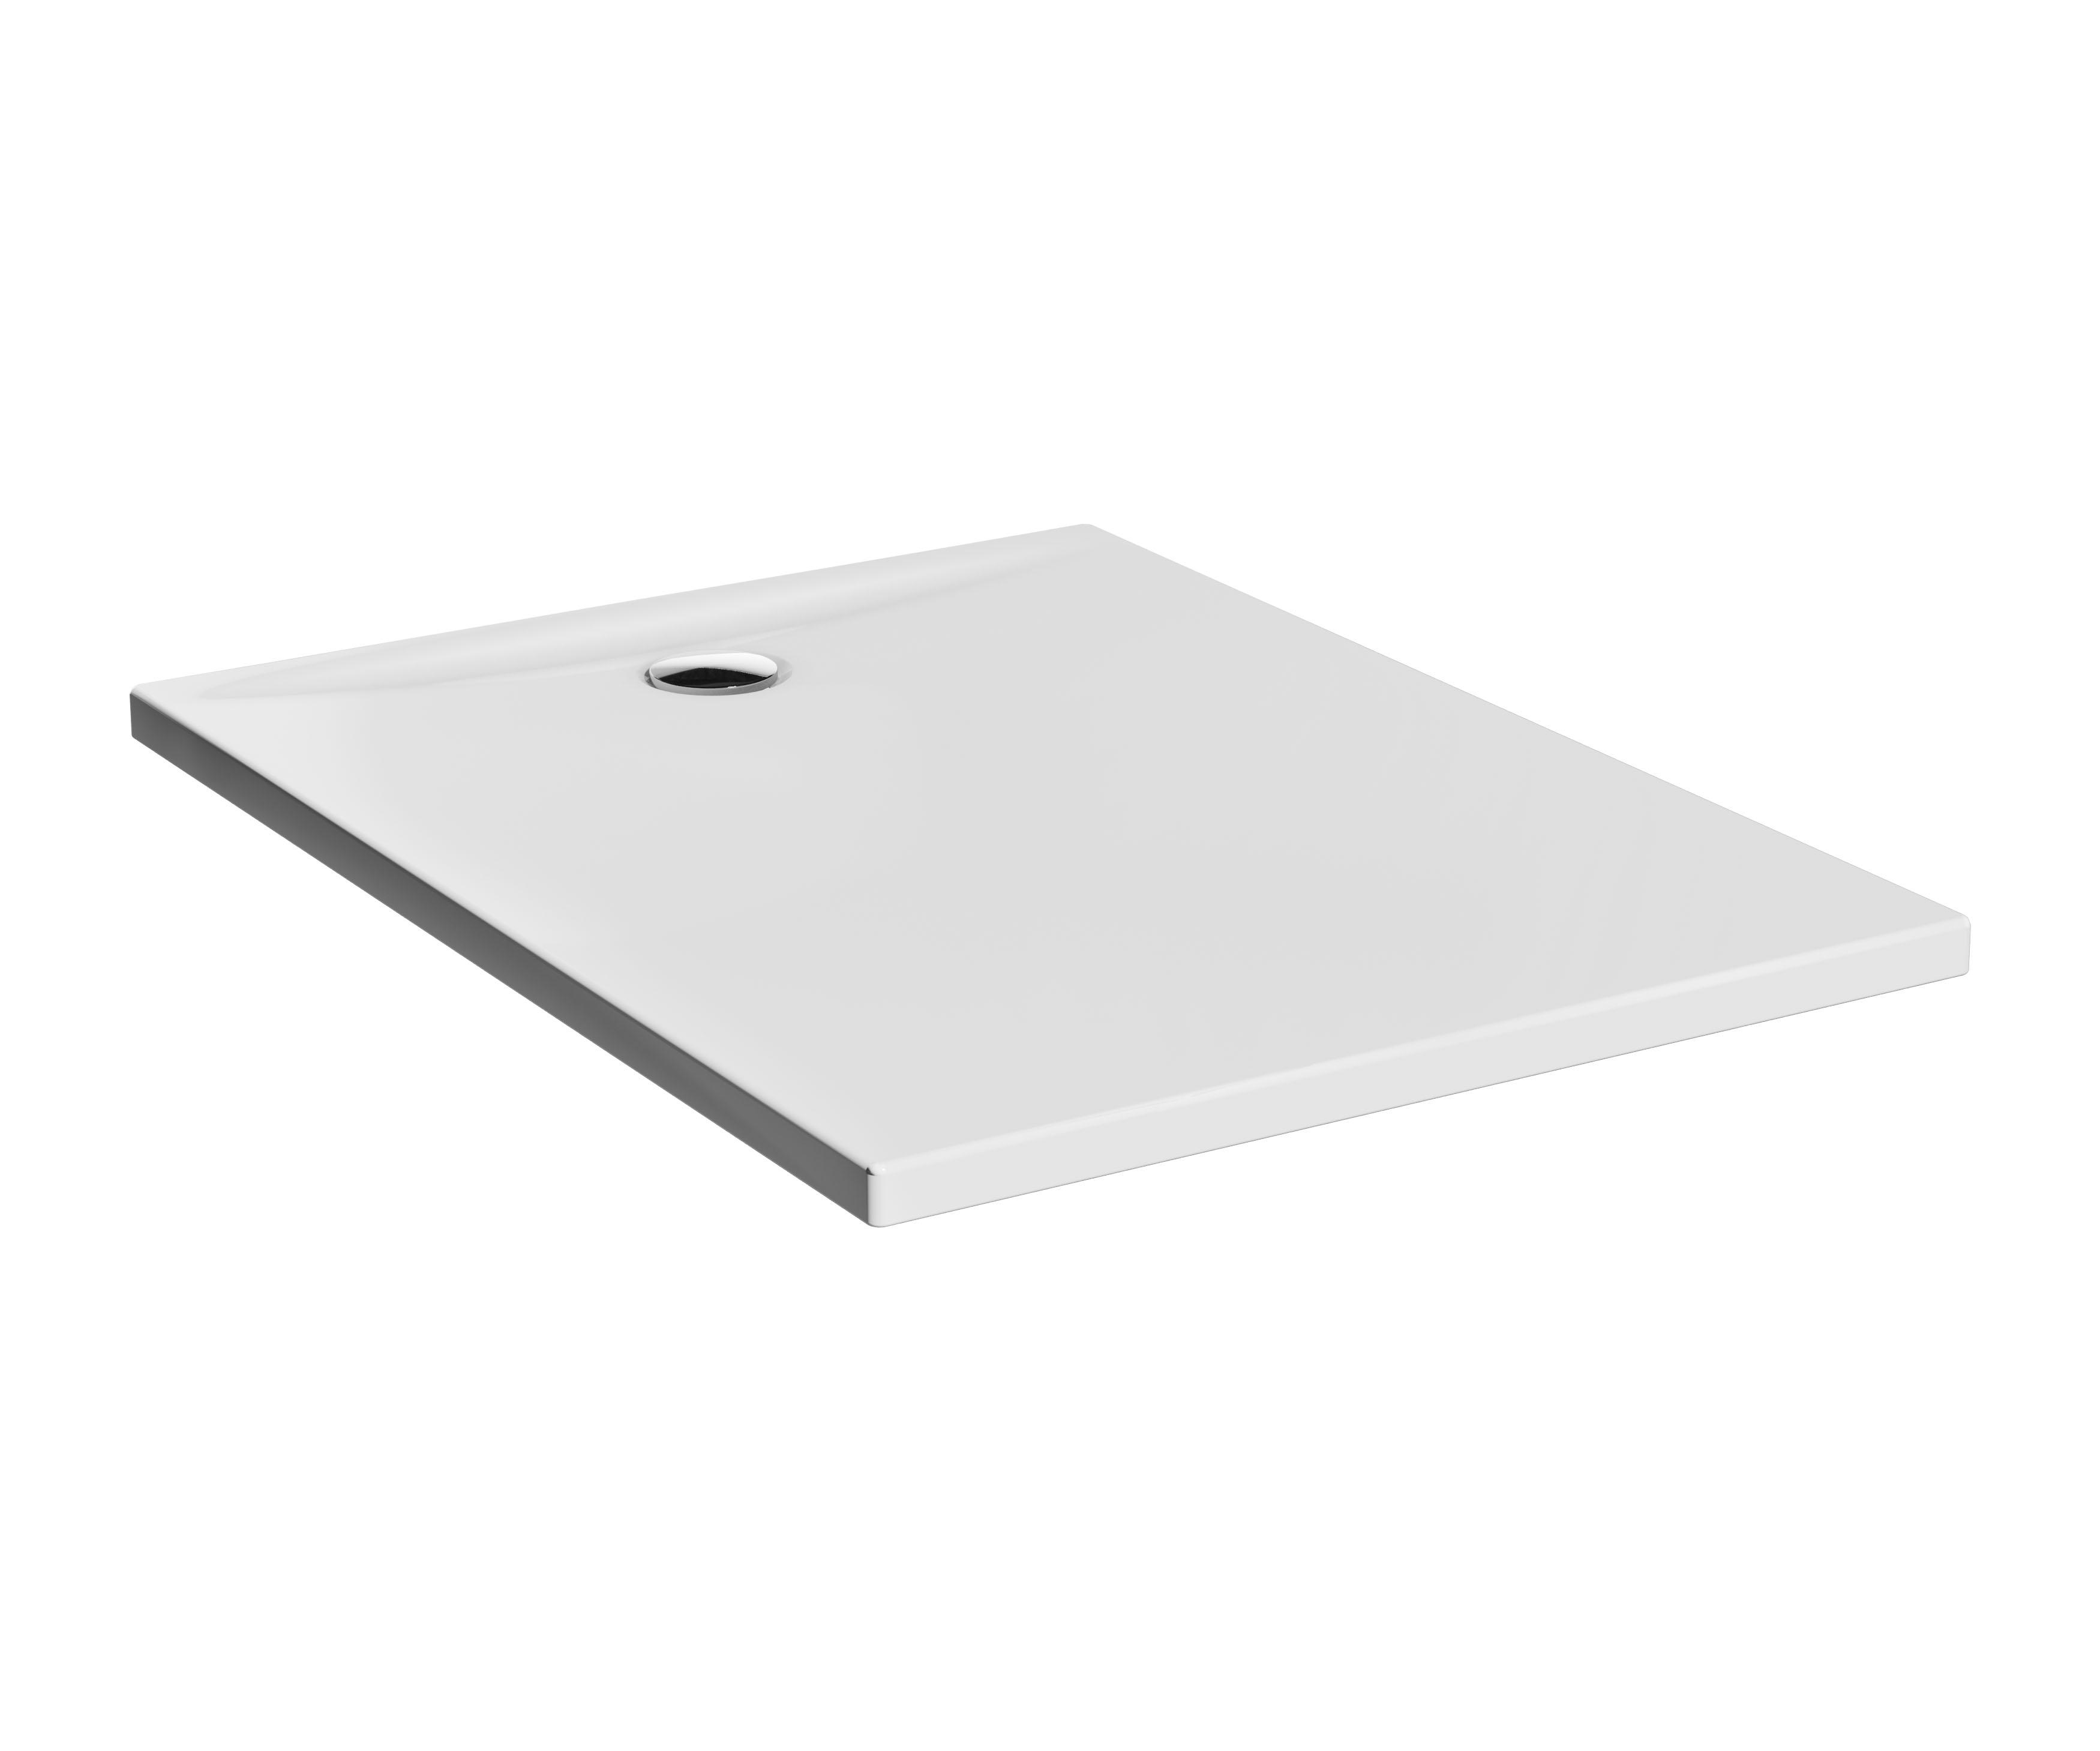 Lagoon receveur ultra plat en céramique, 120  x  90 cm, blanc haute brillance